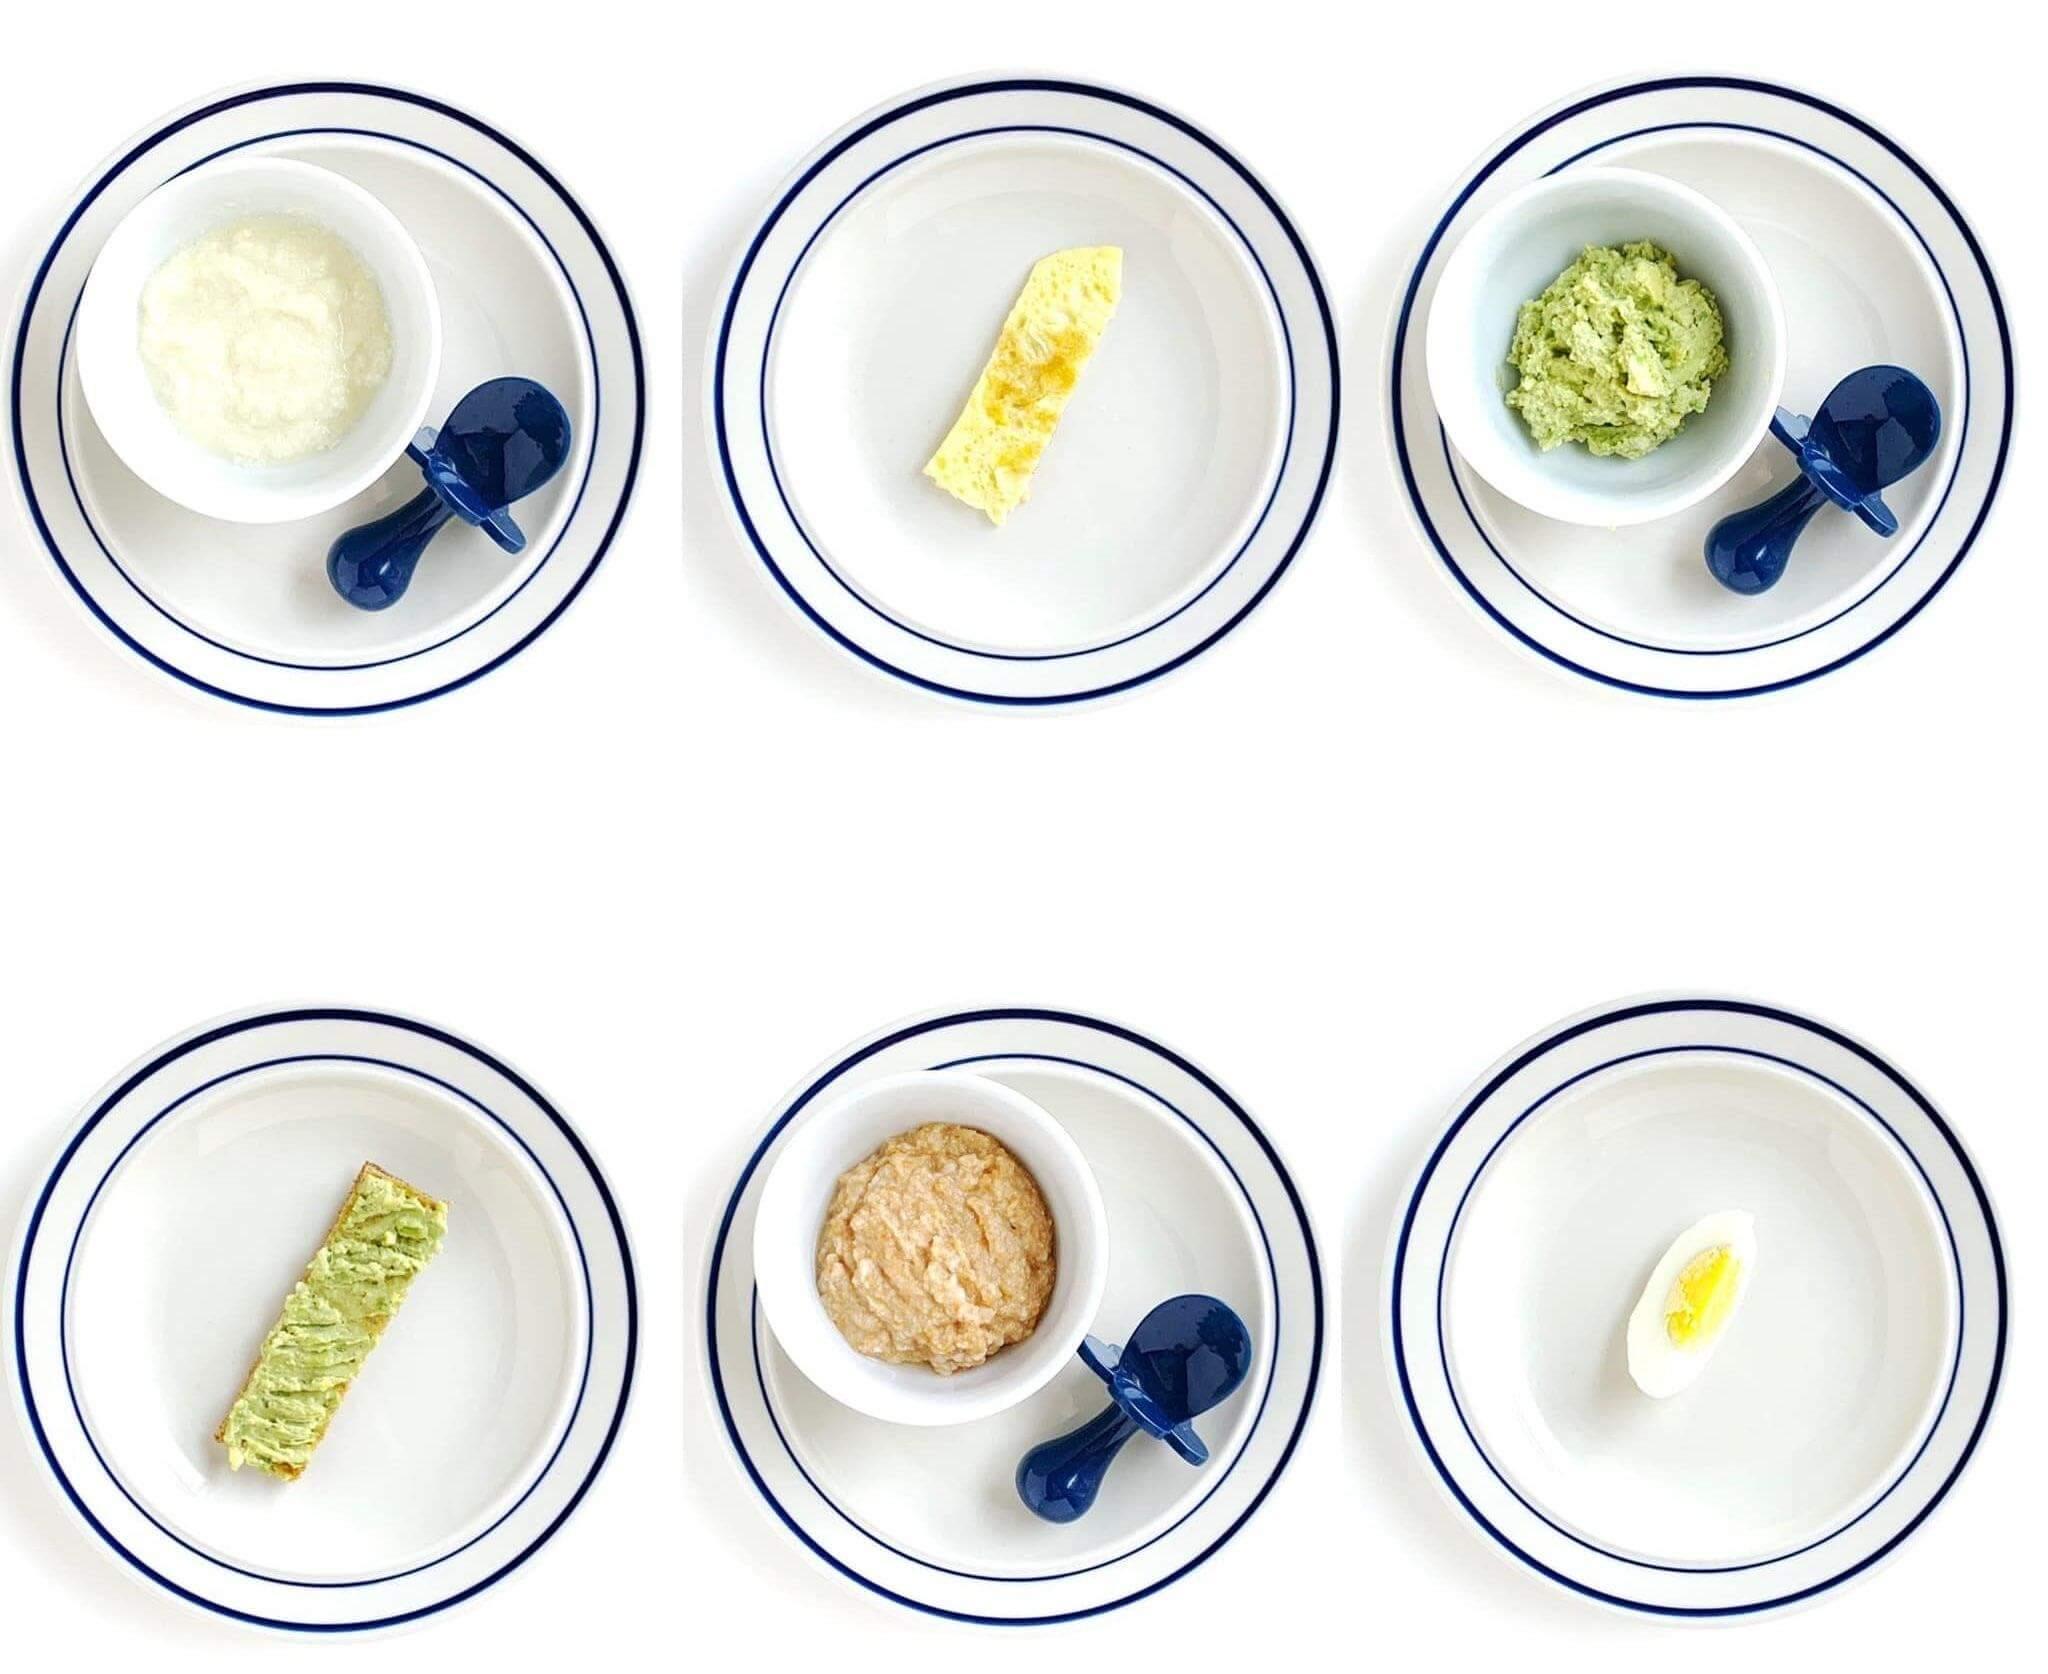 Đa dạng các món ăn giúp trẻ ăn ngon miệng và nhận được đầy đủ chất dinh dưỡng